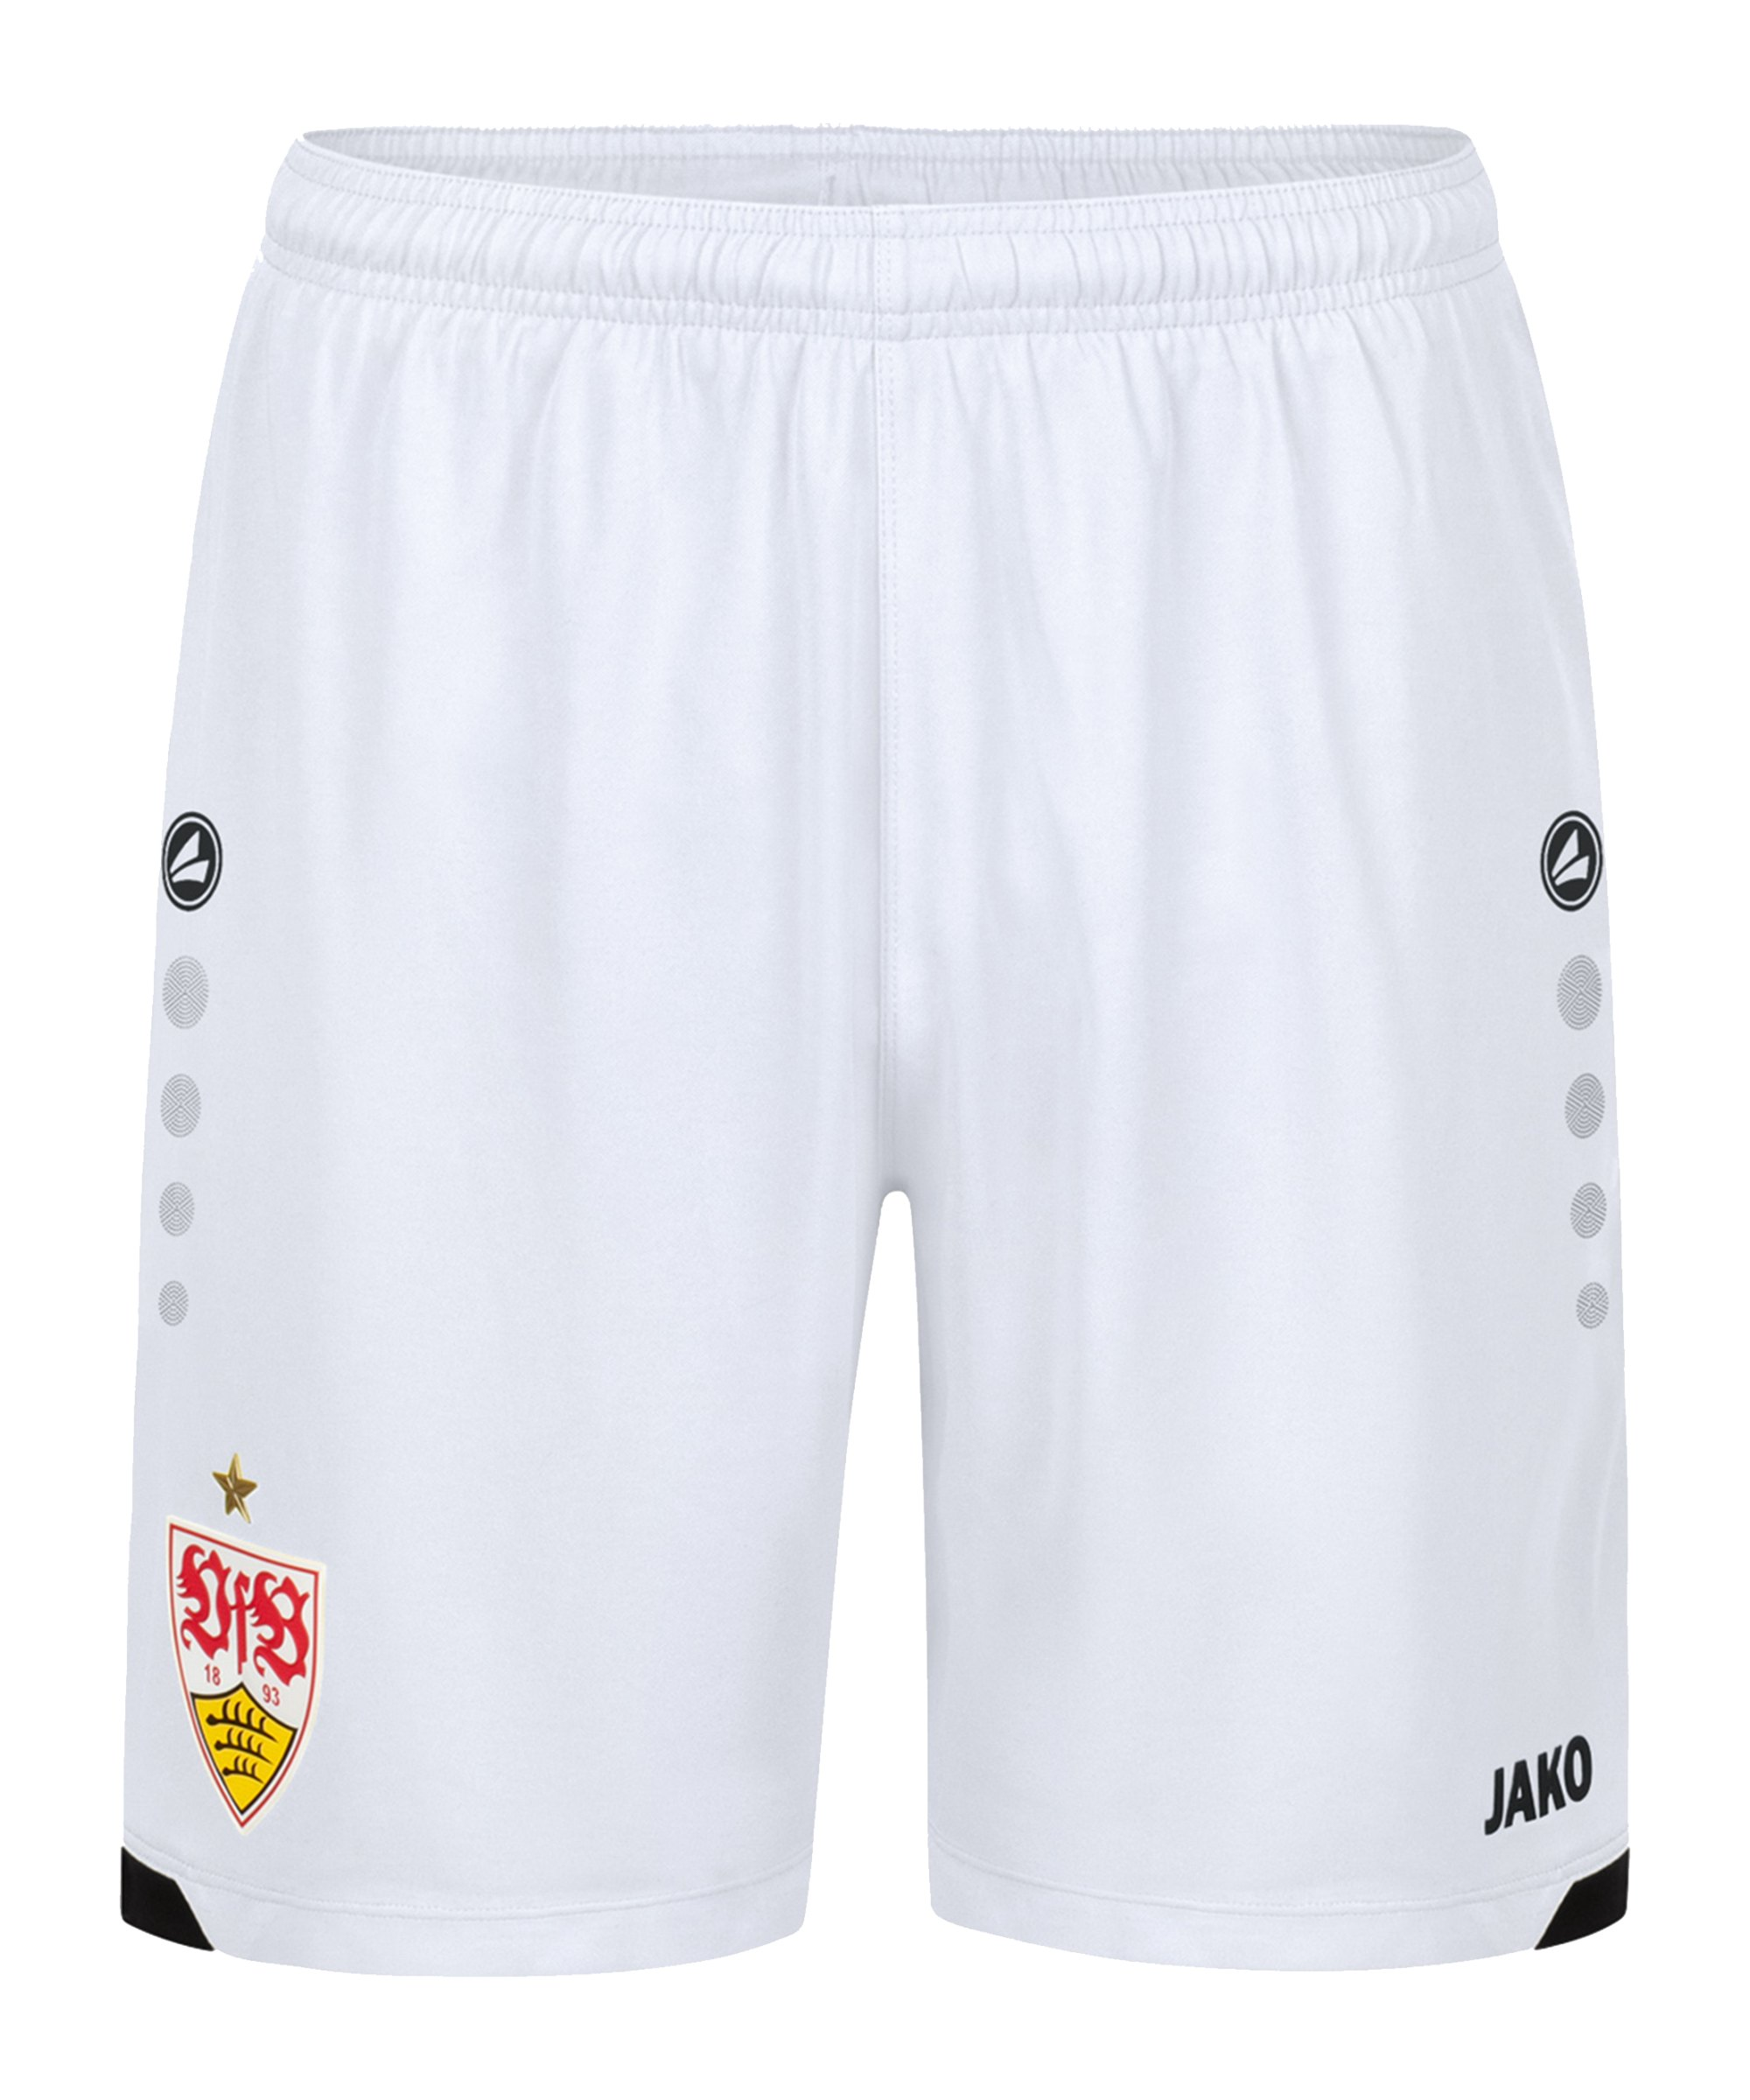 JAKO VfB Stuttgart Short Home 2021/2022 Weiss F00 - weiss